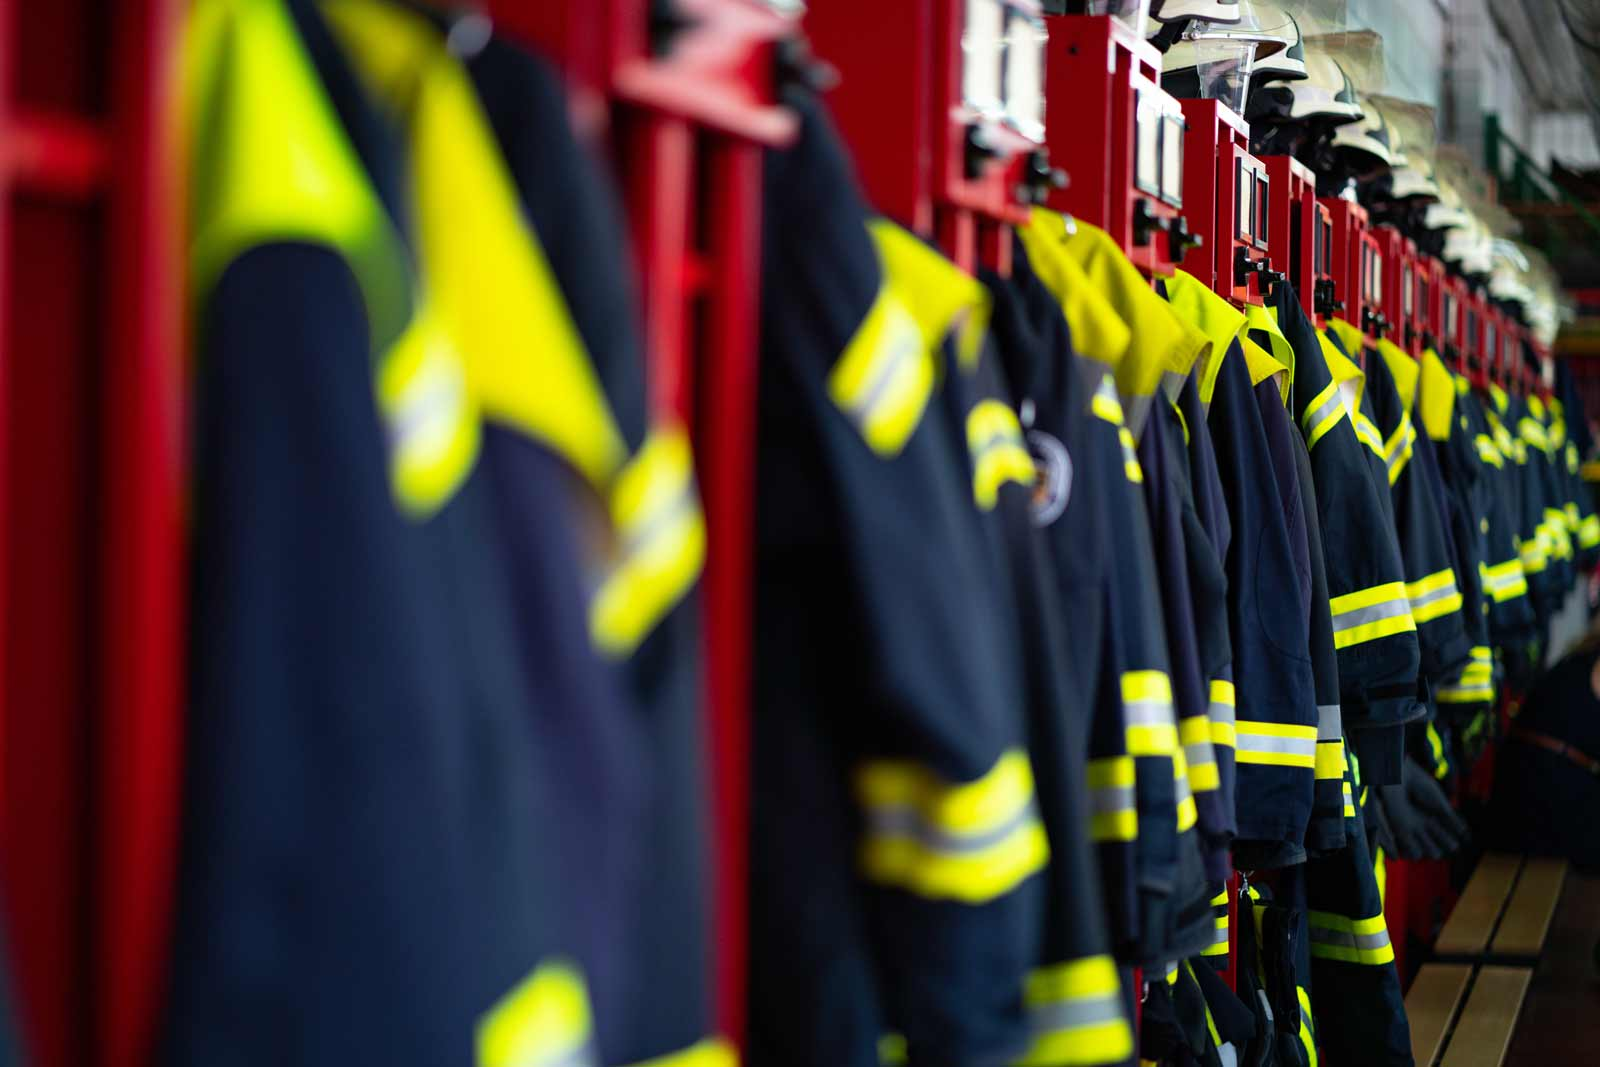 Feuerwehr Wäscherei